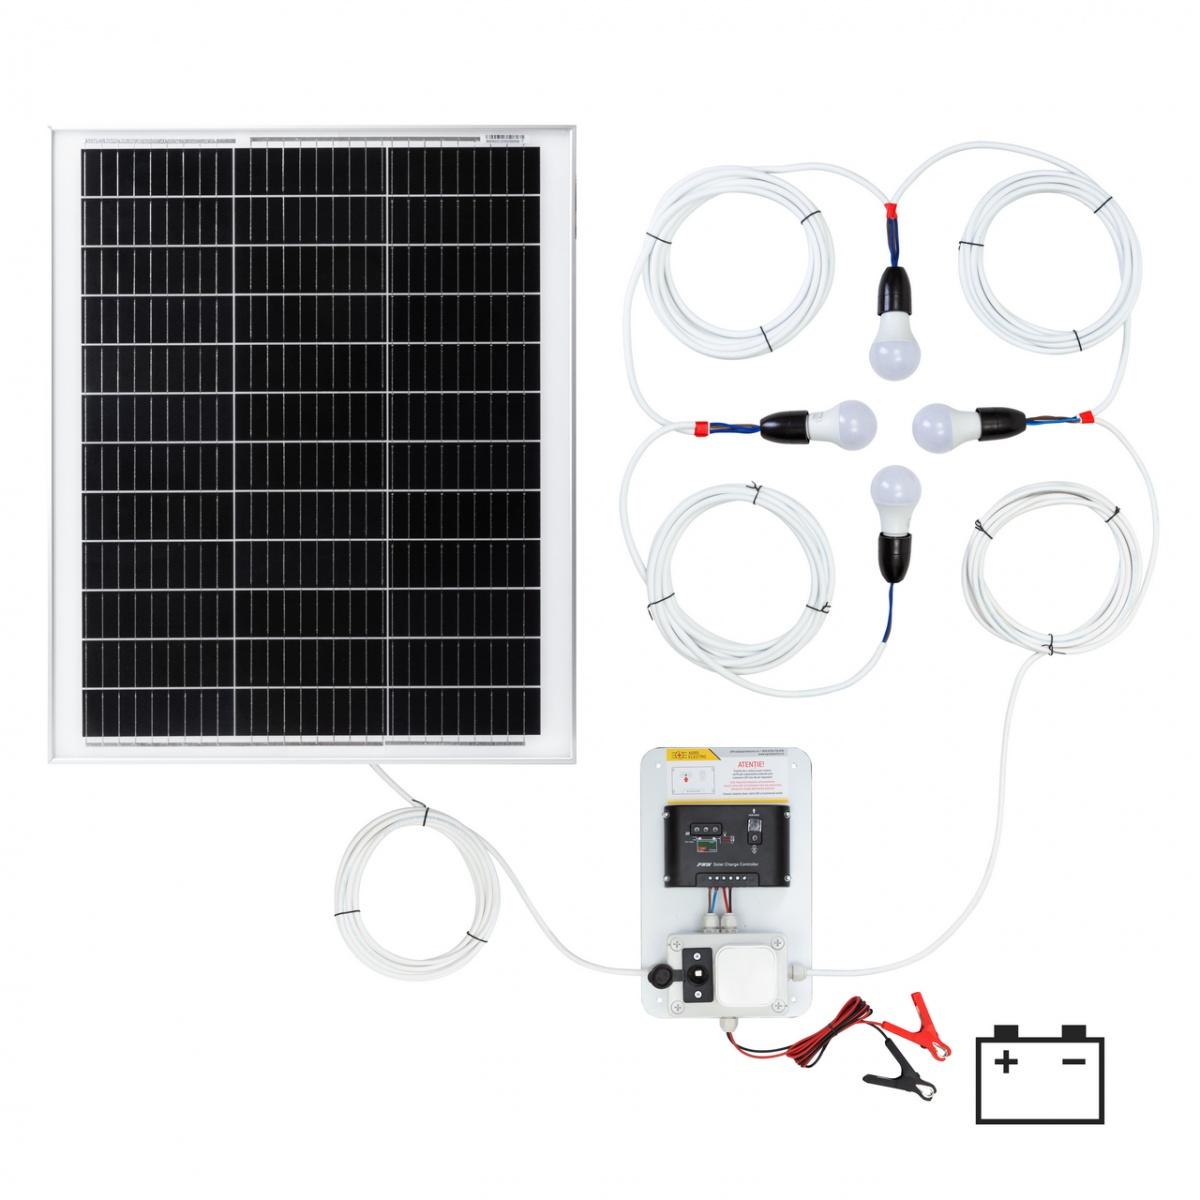 Világításrendszer 50W-os napelemmel és 4 égővel